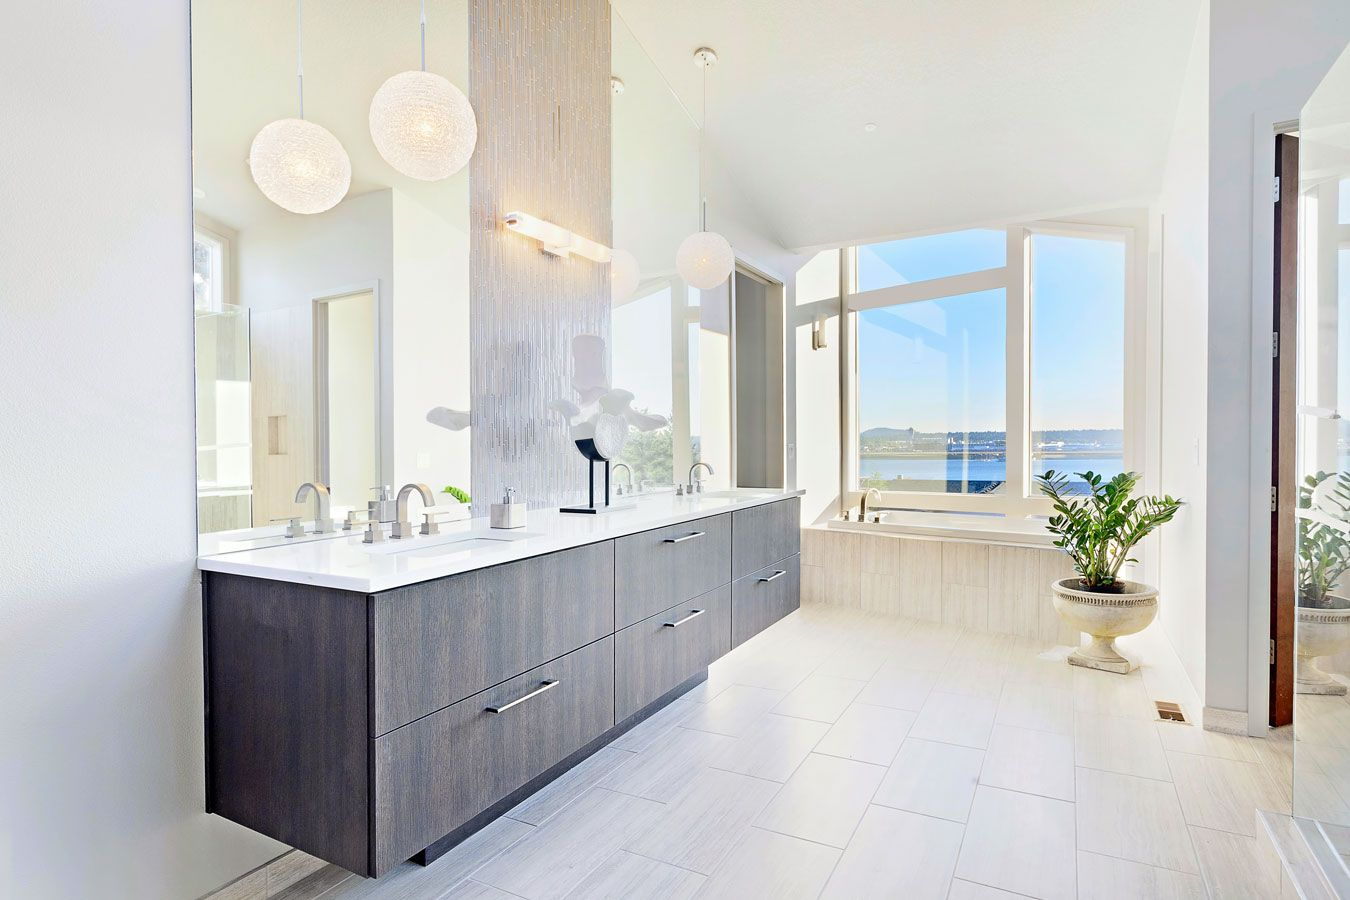 Originele Ideeen Badkamer : Originele badkamerverlichting verbouwing badkamer